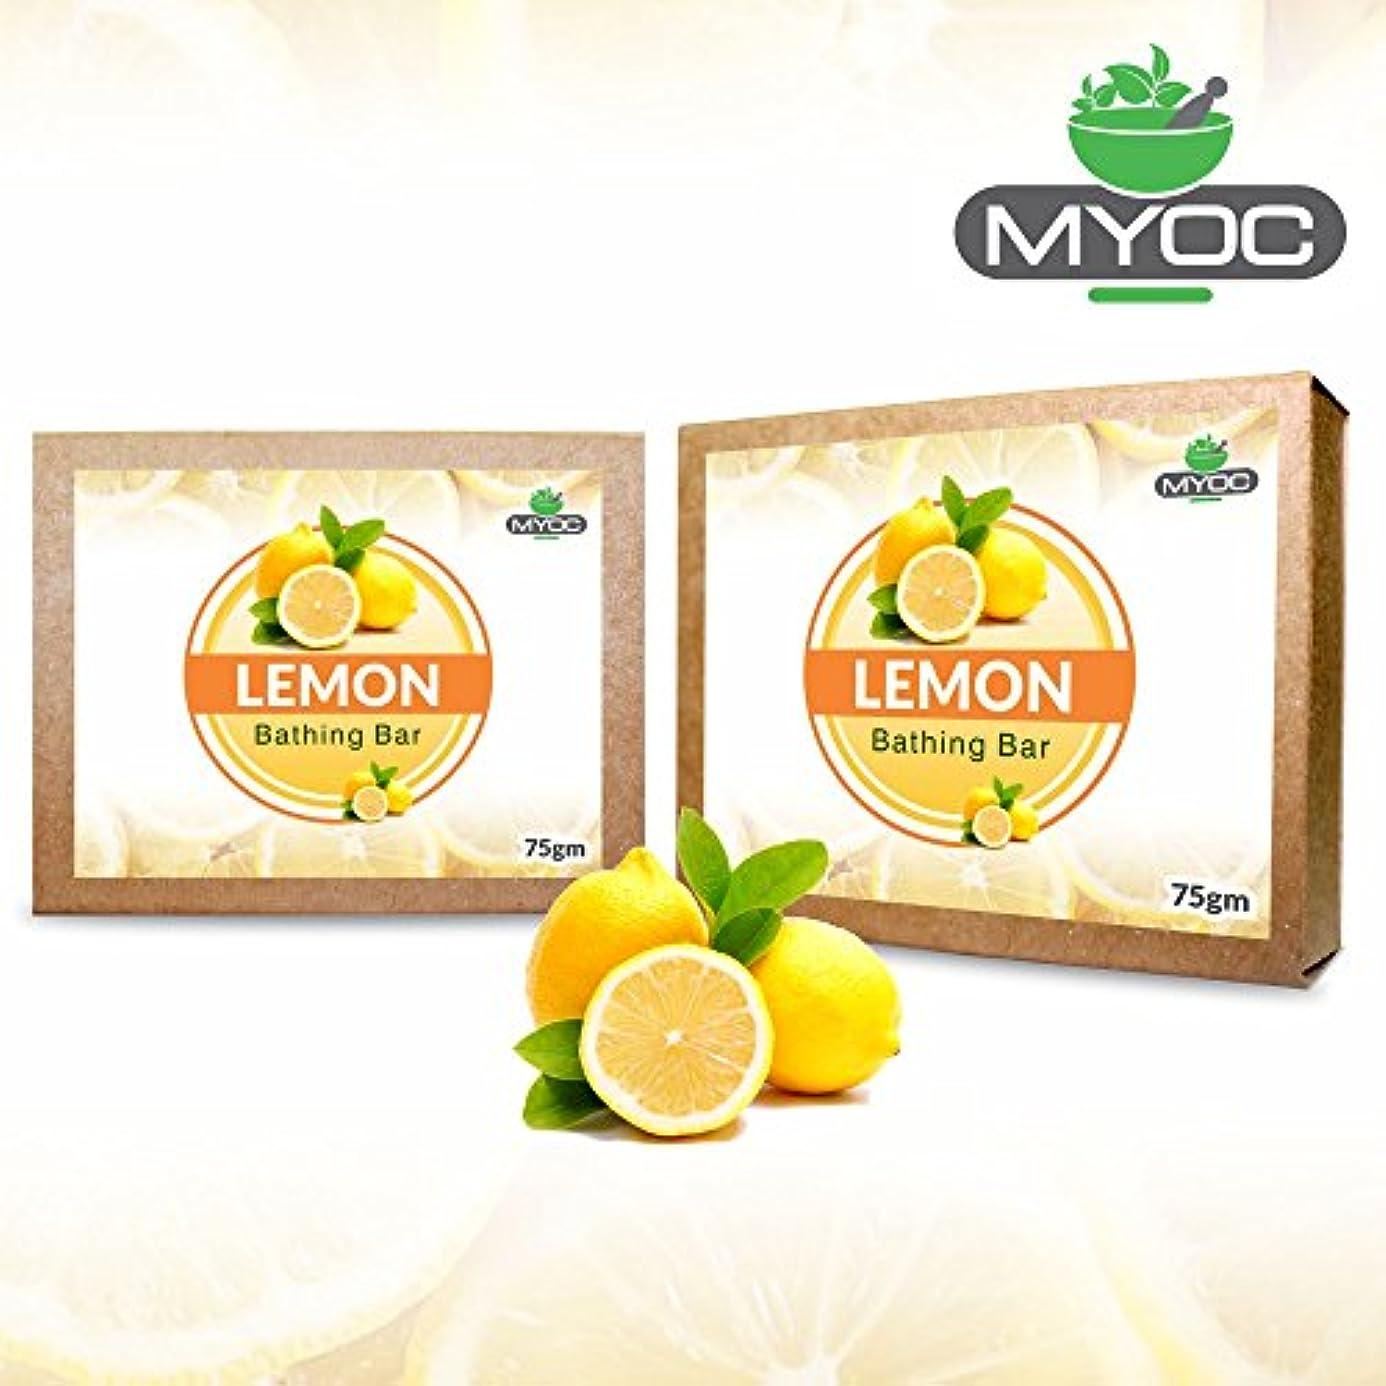 昼寝純度地下鉄Lemon Oil And Vitamin E Astringent Soap, deodorant, antiseptic soap for clogged pores and acne prone skin 75g...